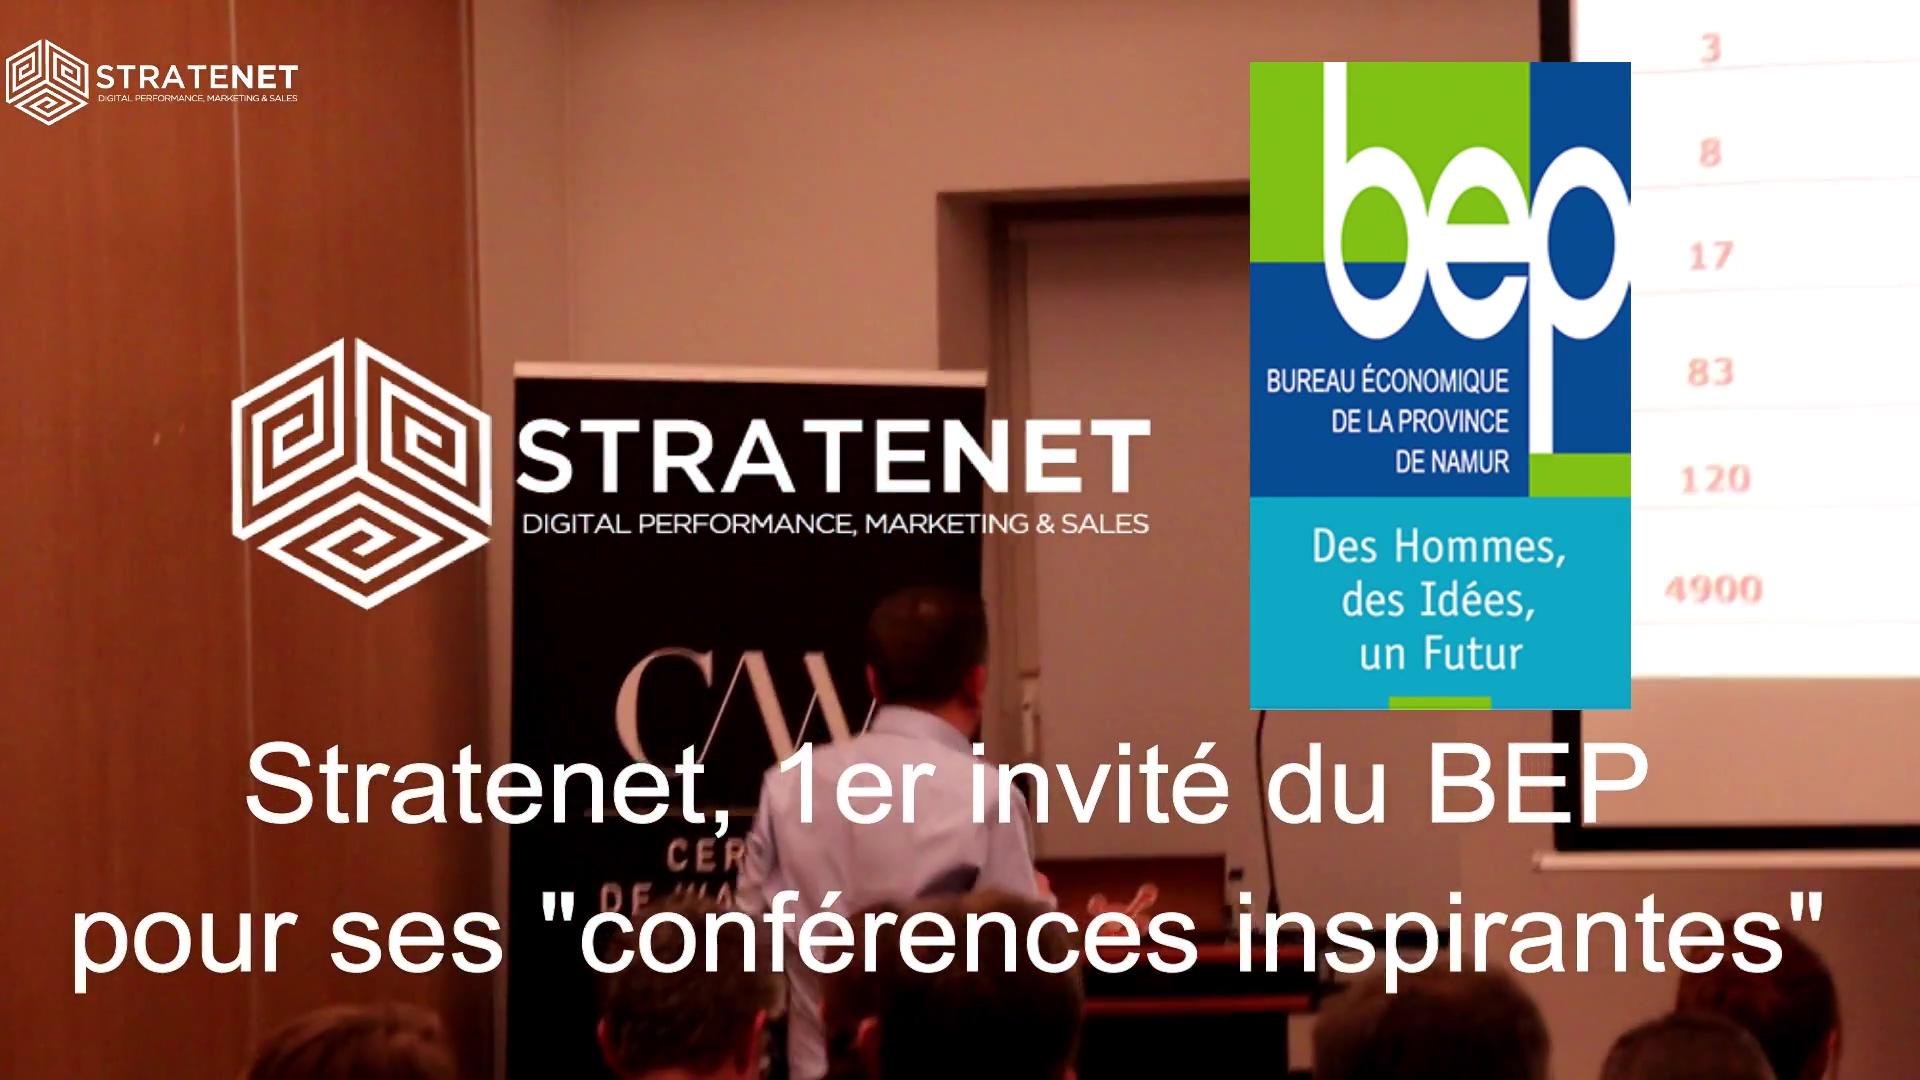 Vidéo conférence BEP  Stratenet